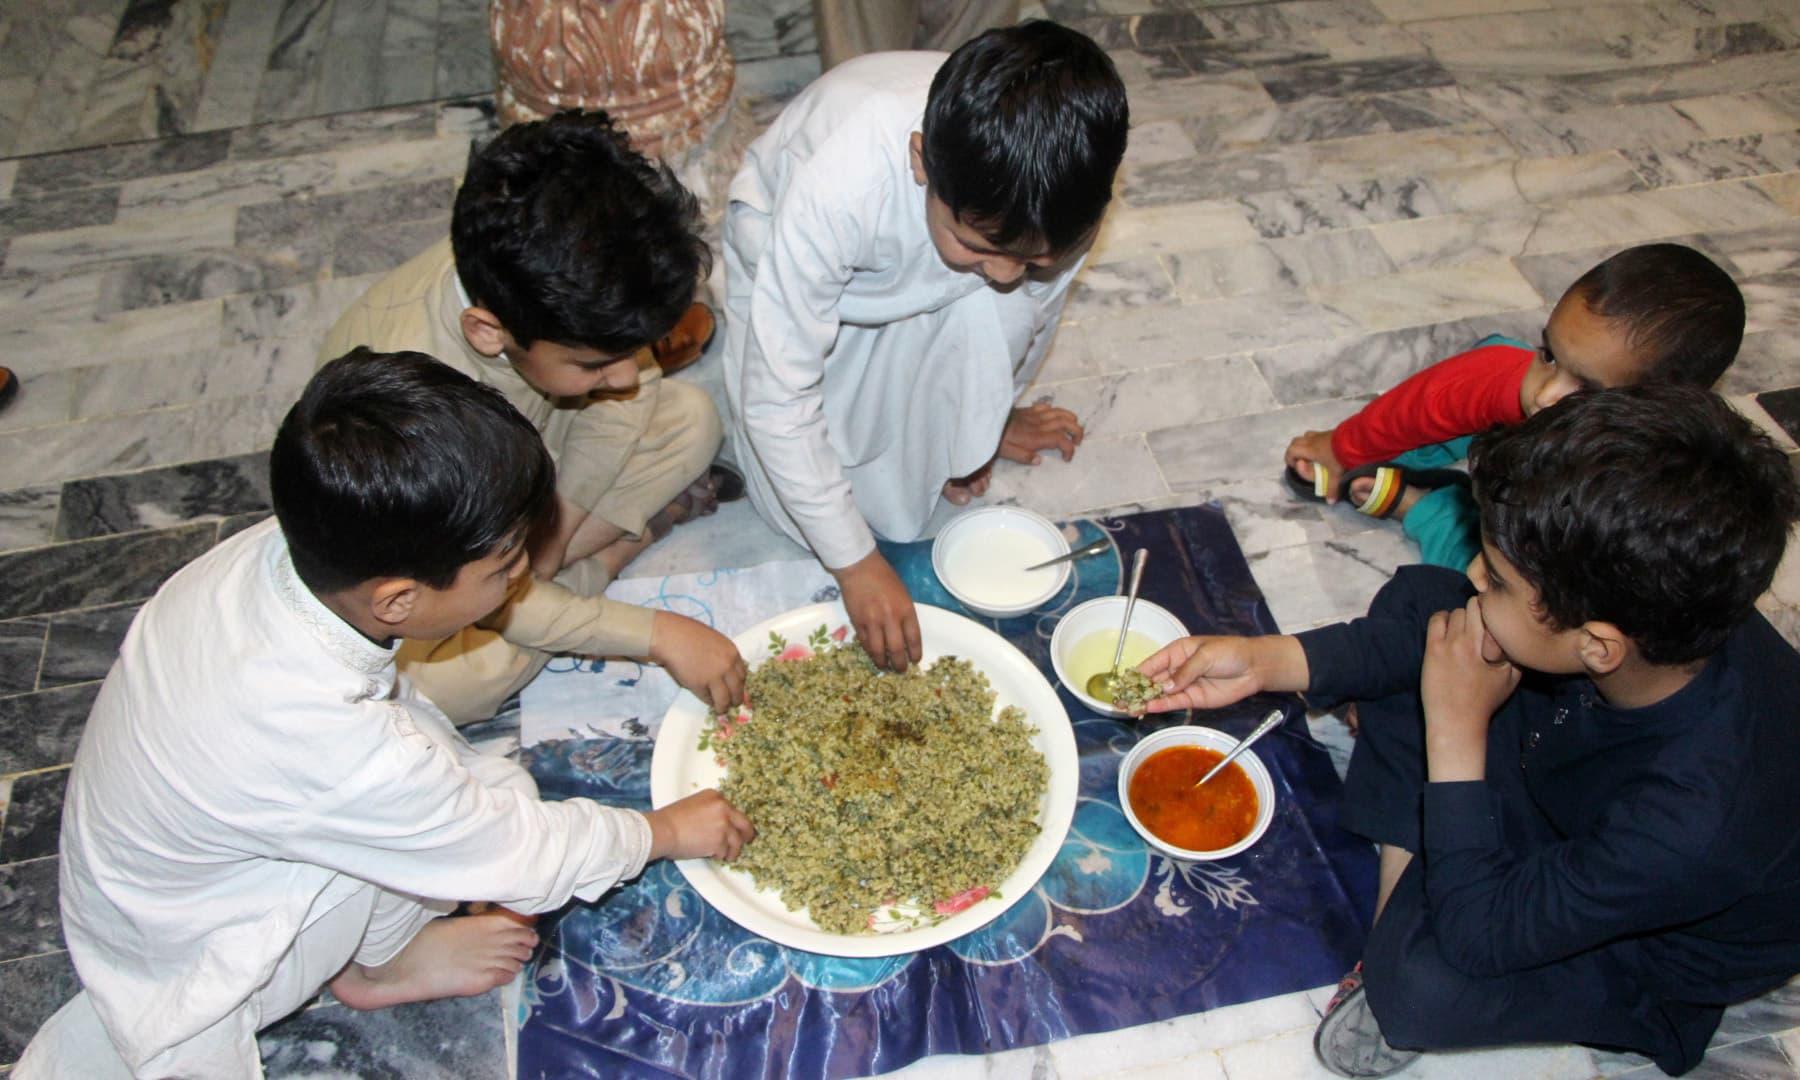 بچے روایتی کھانا تناول فرما رہے ہیں— امجد علی سحاب